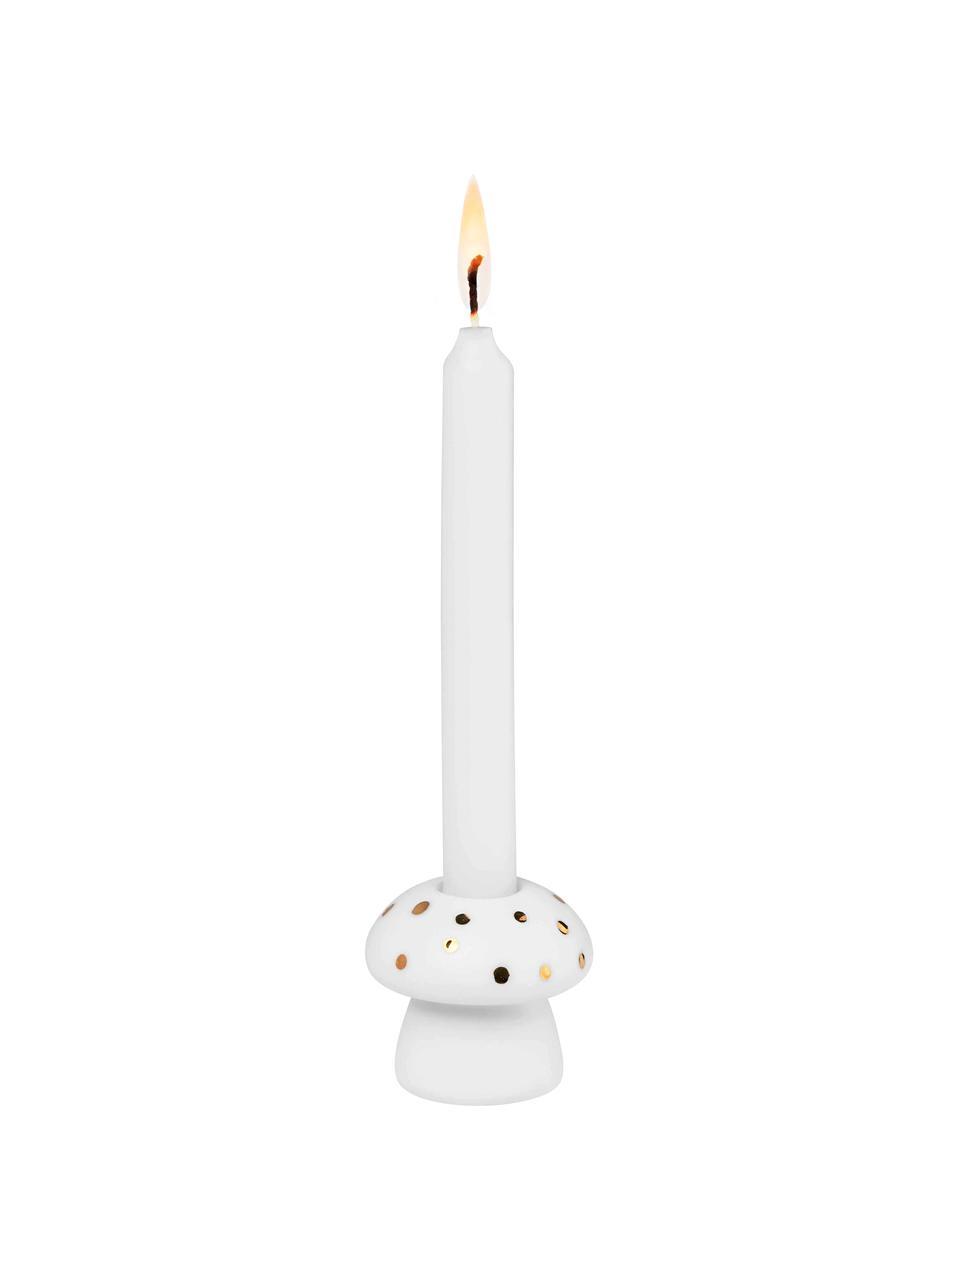 Porzellan-Kerzenhalter Pilz in Weiß/Gold, 2 Stück, Porzellan, Weiß, Goldfarben, Ø 4 x H 4 cm